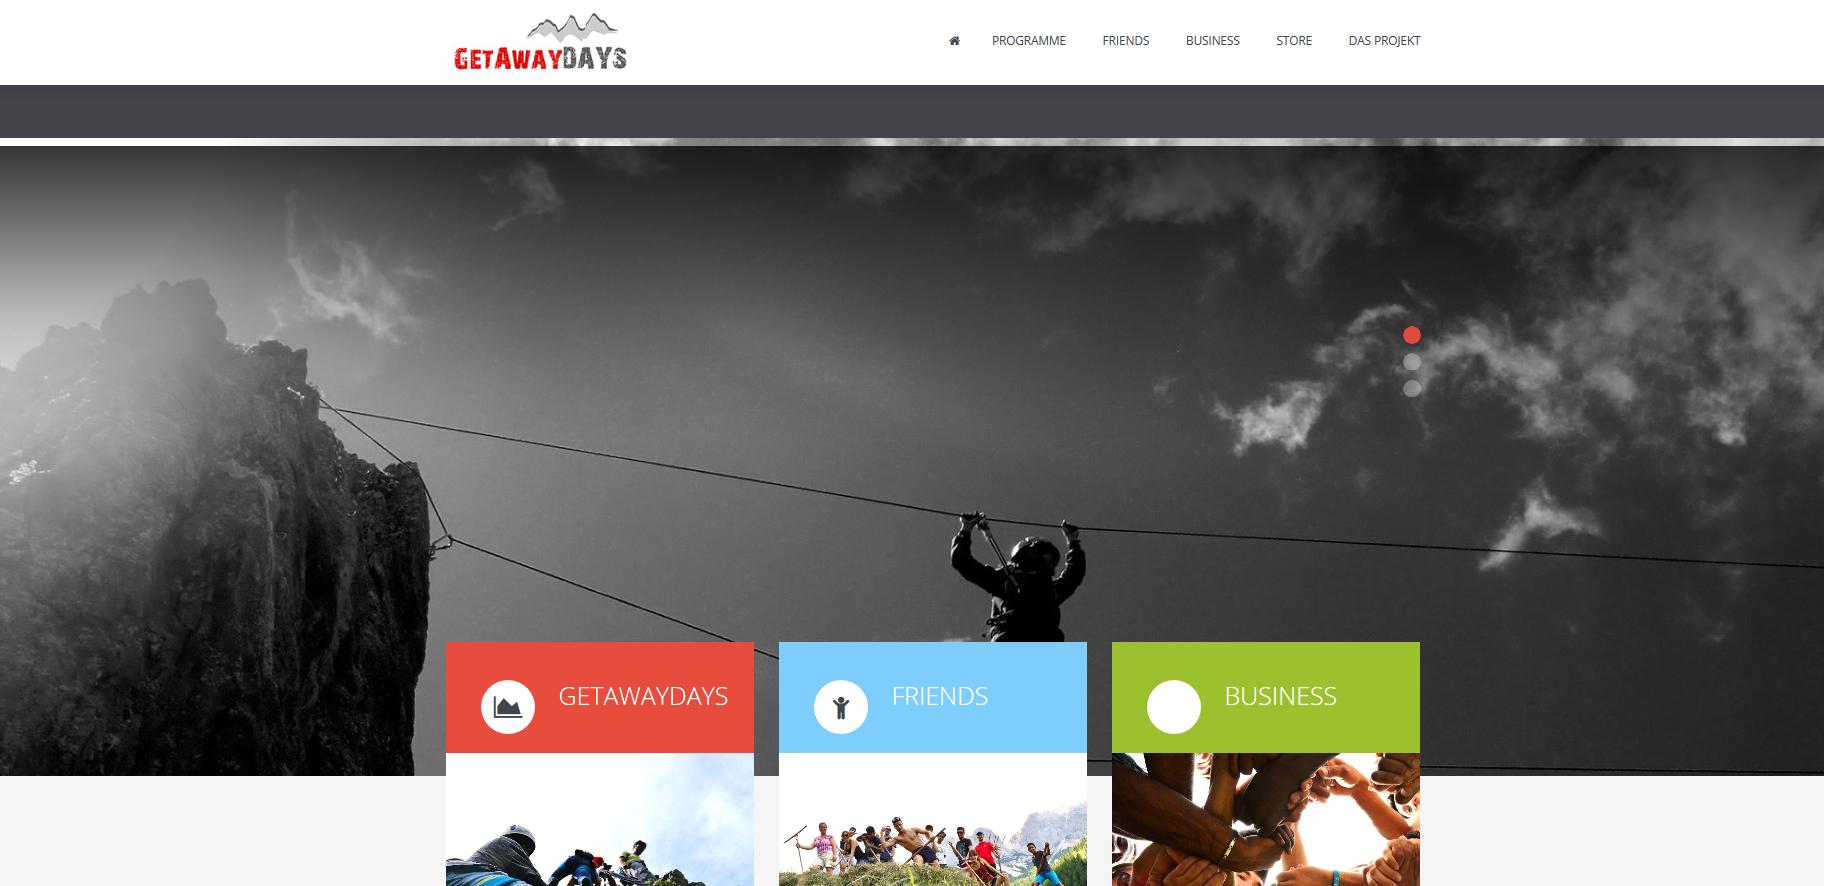 GetAwayDays I Ein Meilenstein für junge Menschen in herausfordernden Lebenssituationen - getawaydays_org